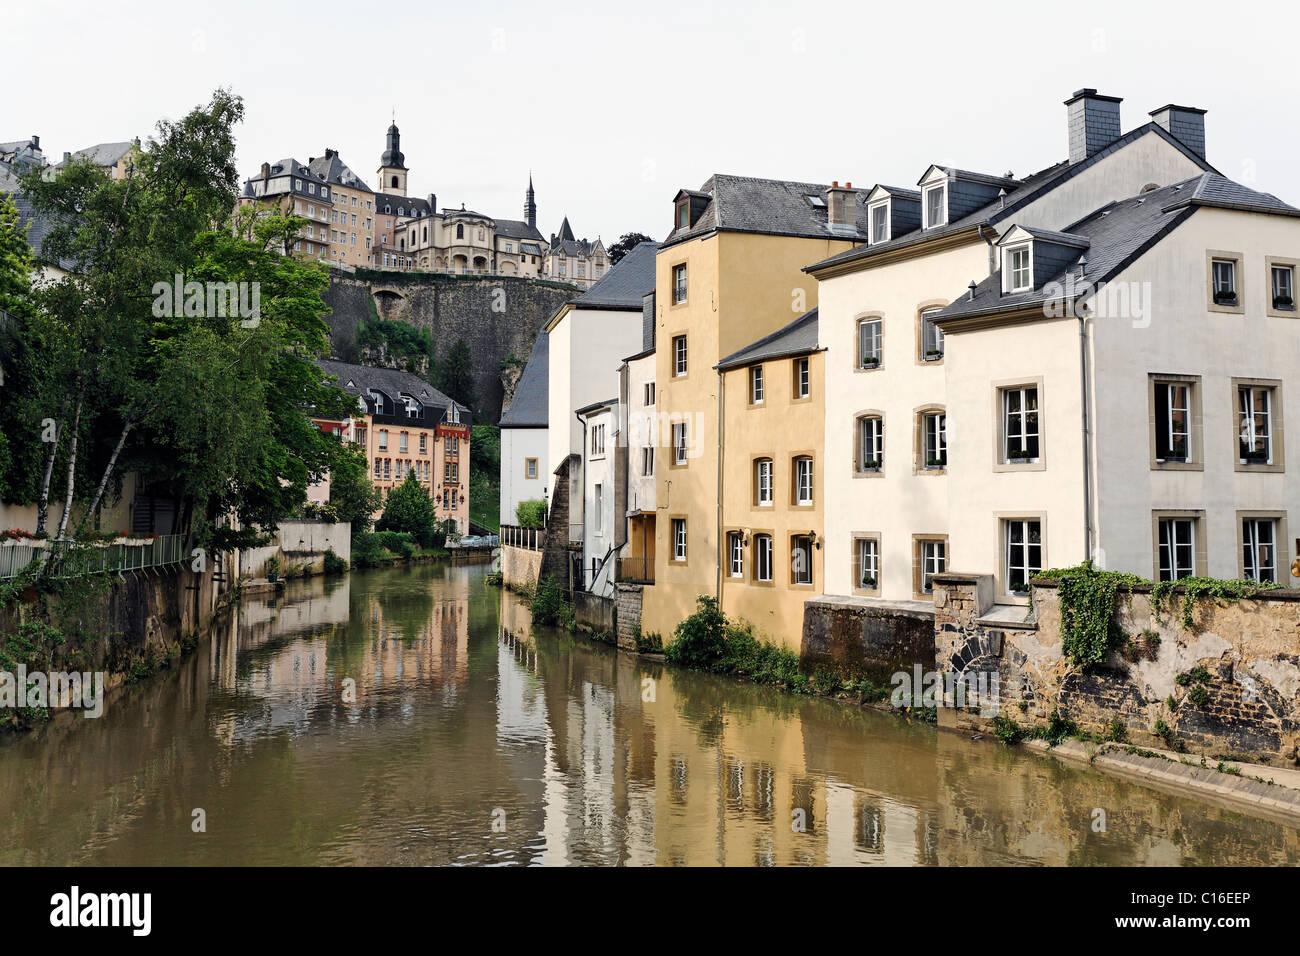 Blick vom Stadtteil Grund mit Wohngebäuden am Fluss Alzette auf dem Bockfelsen Klippen, Luxemburg, Europa Stockbild